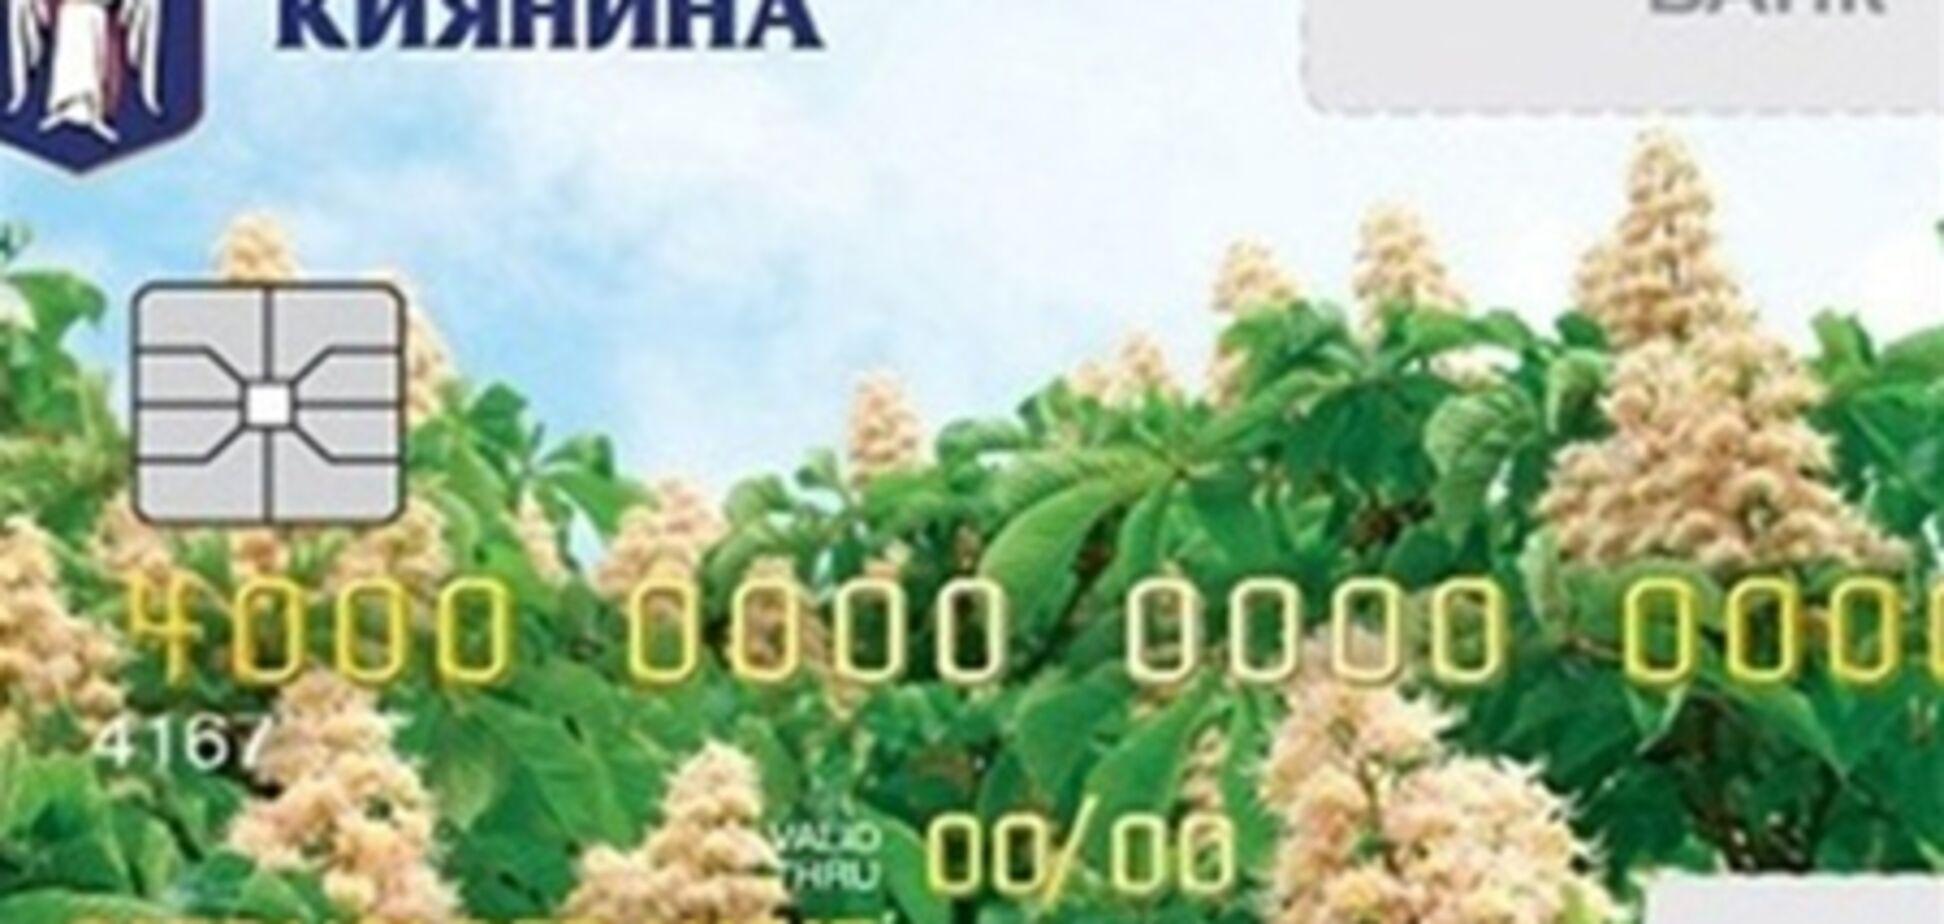 В метро стало больше пассажиров с 'Карточкой киевлянина'